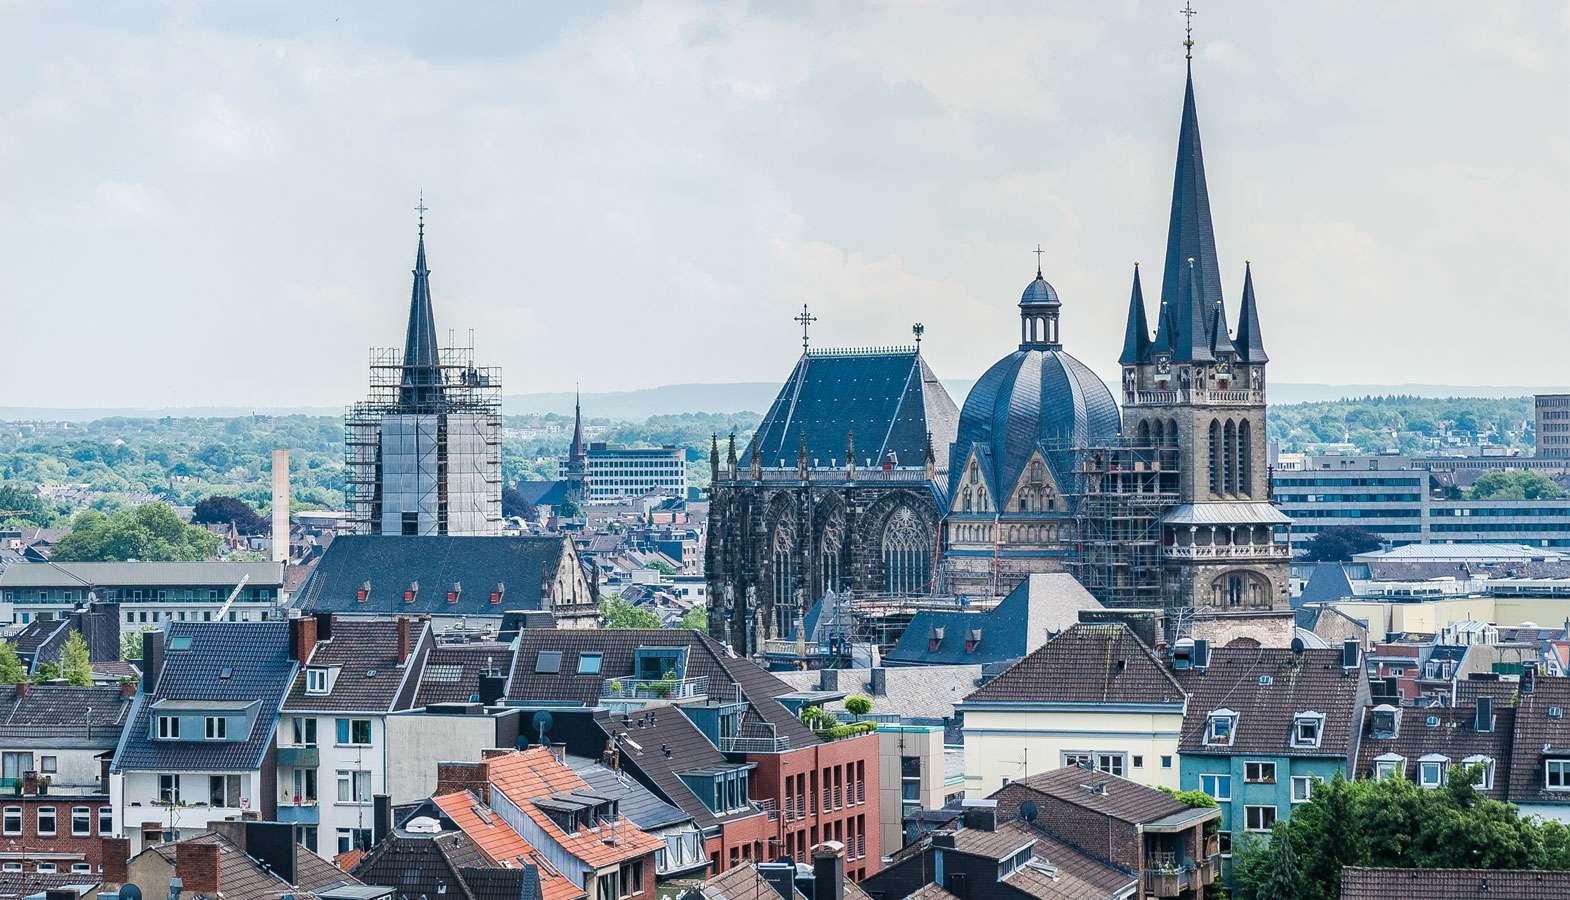 Blick auf die Altstadt von Aachen